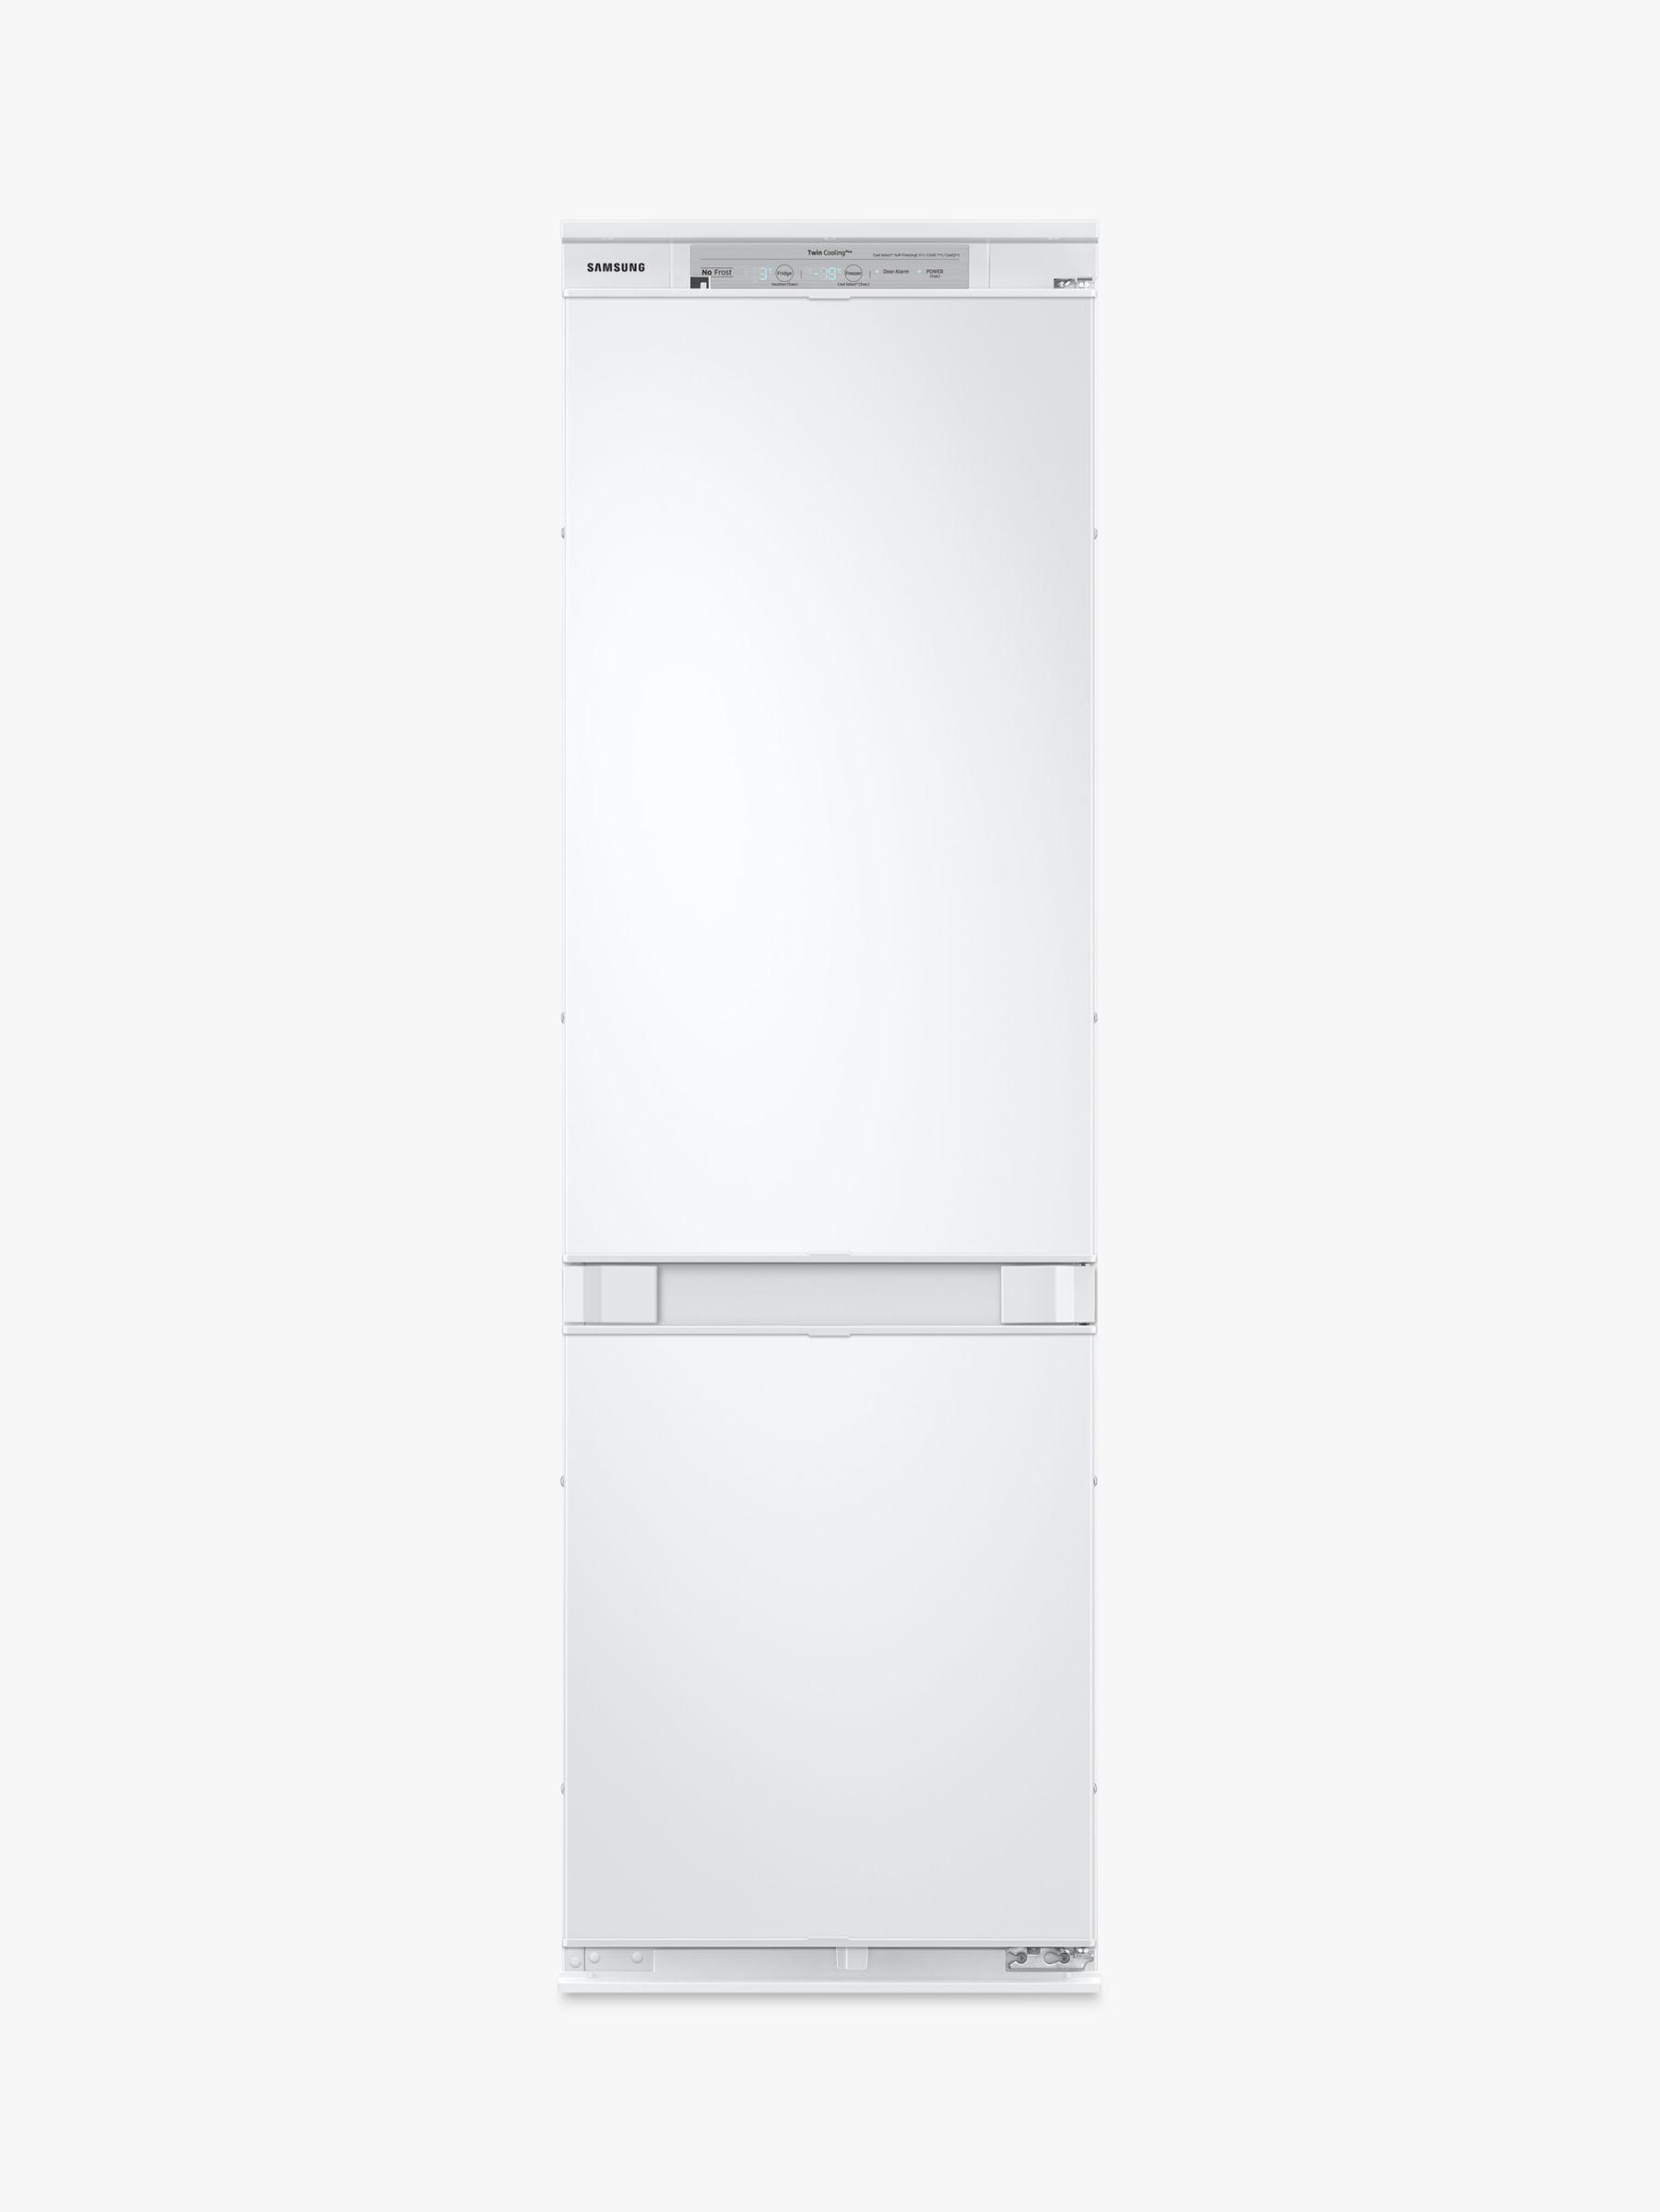 Samsung Samsung BRB260087WW/EU Integrated Fridge Freezer, A++ Energy Rating, 54cm Wide, White Gloss